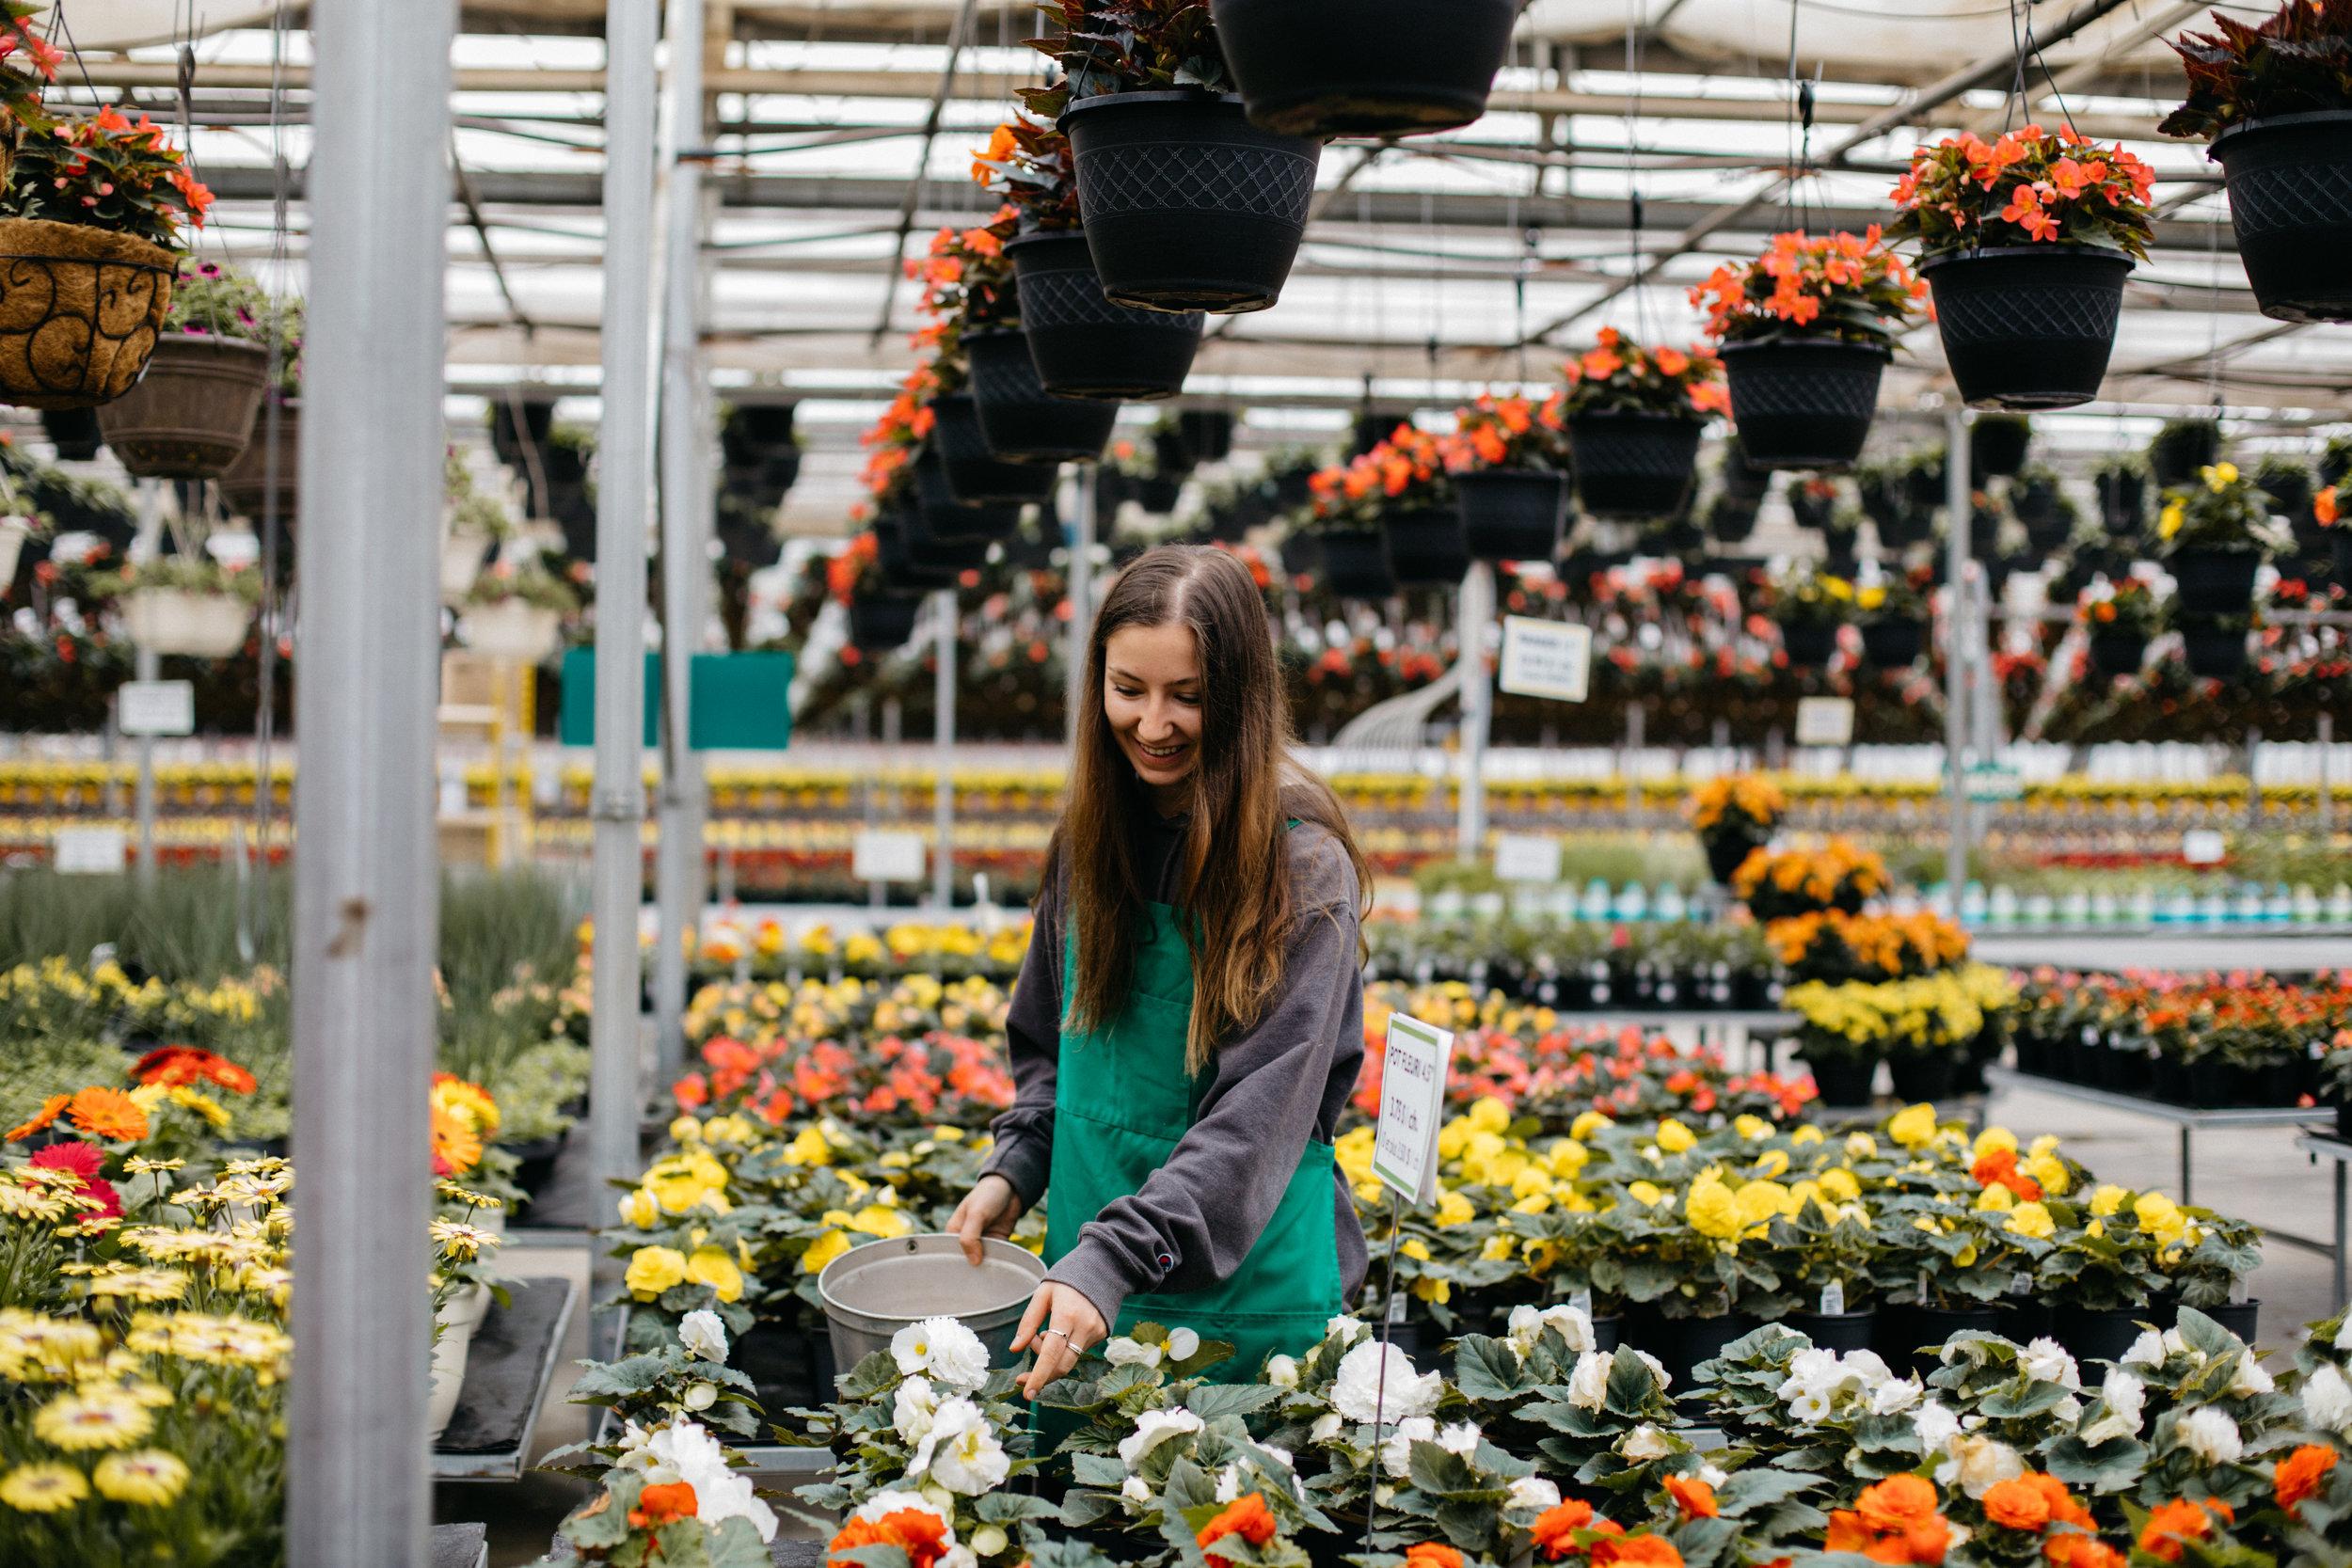 Venez voir par vous-même… - Des fleurs à perte de vue, au prix du producteur!